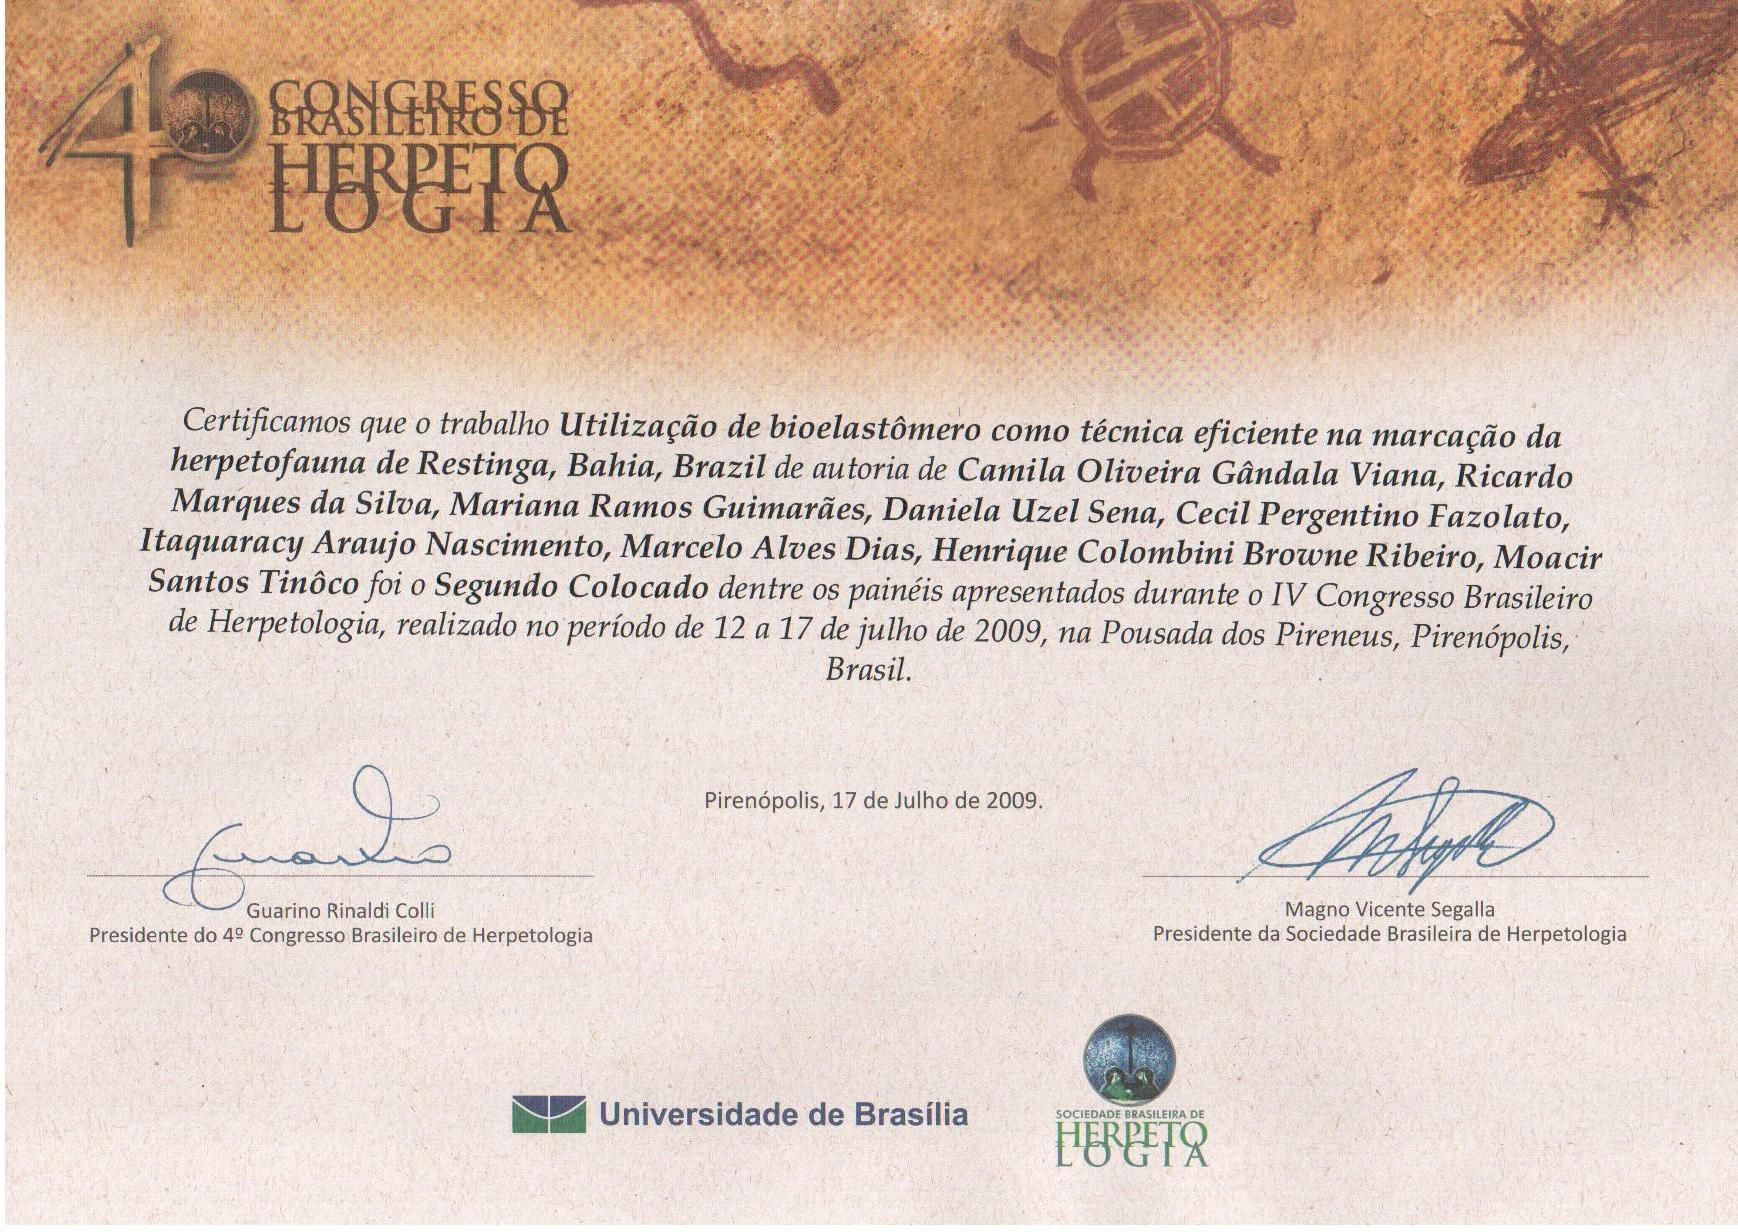 Prêmio Sociedade Brasileira de Herpetologia - 2009